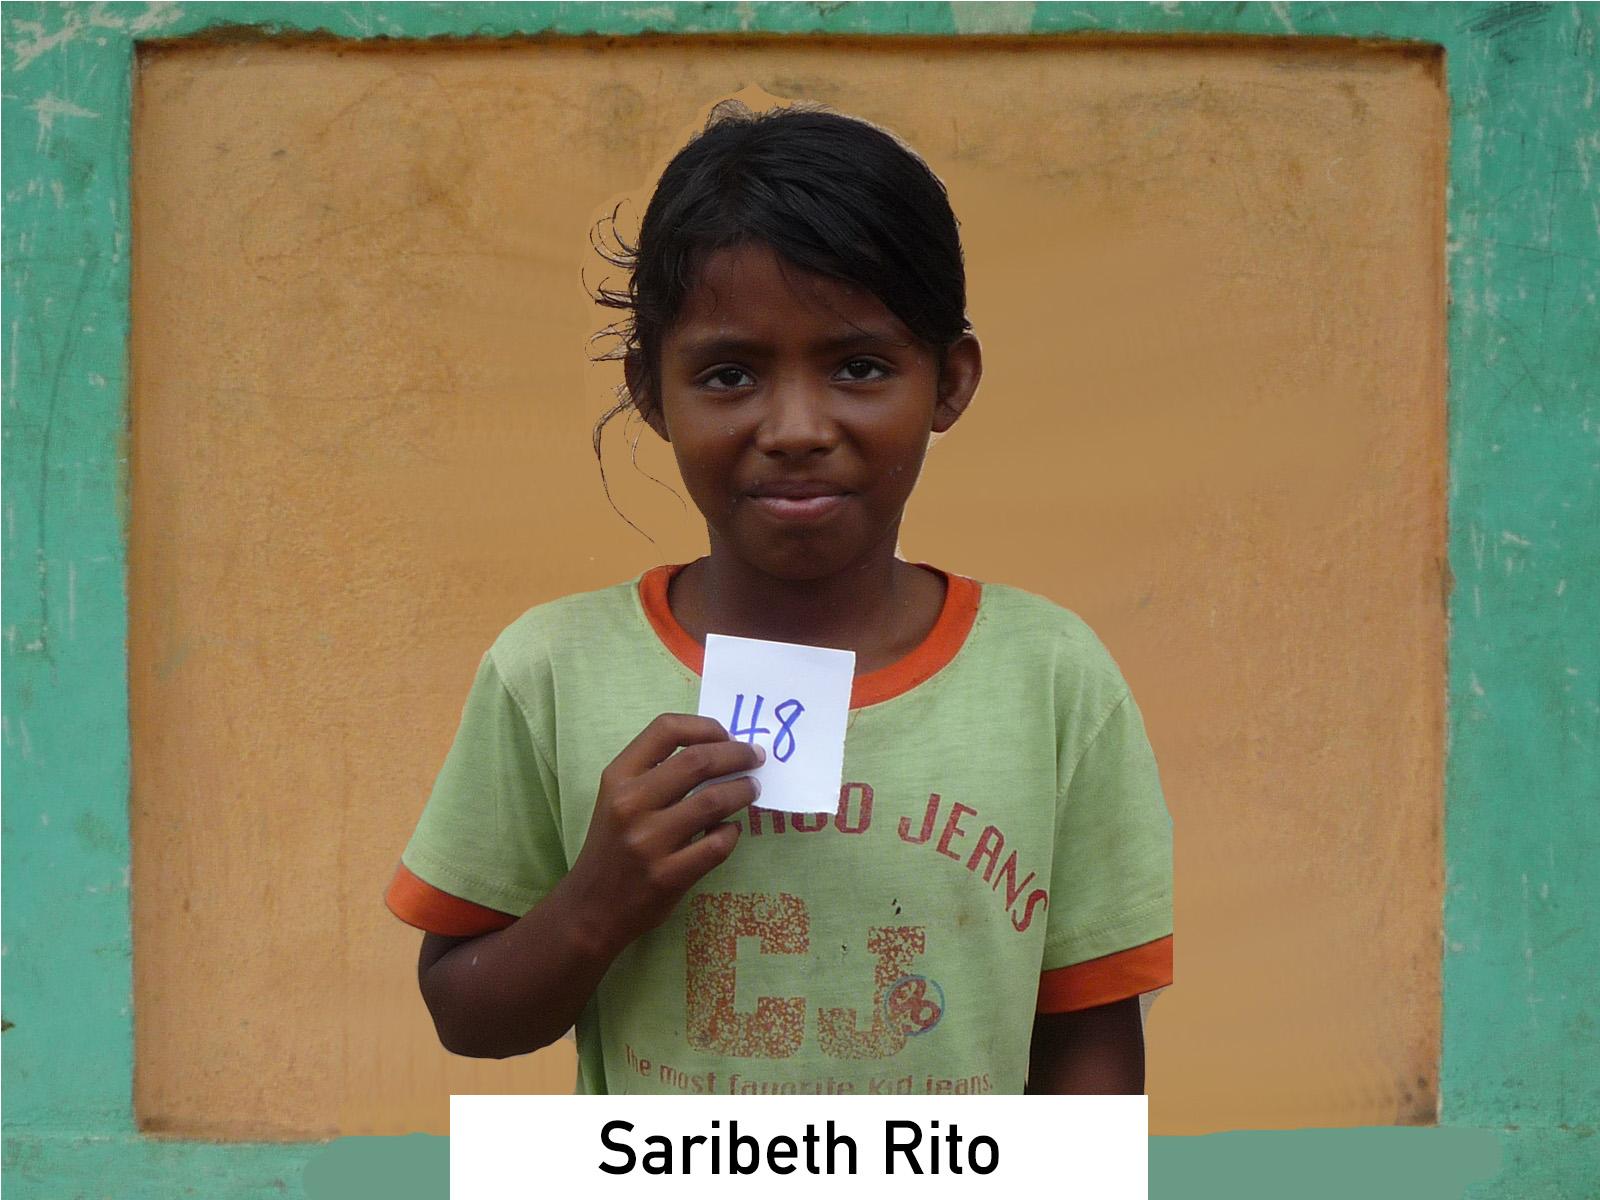 048 - Saribeth Rito.jpg